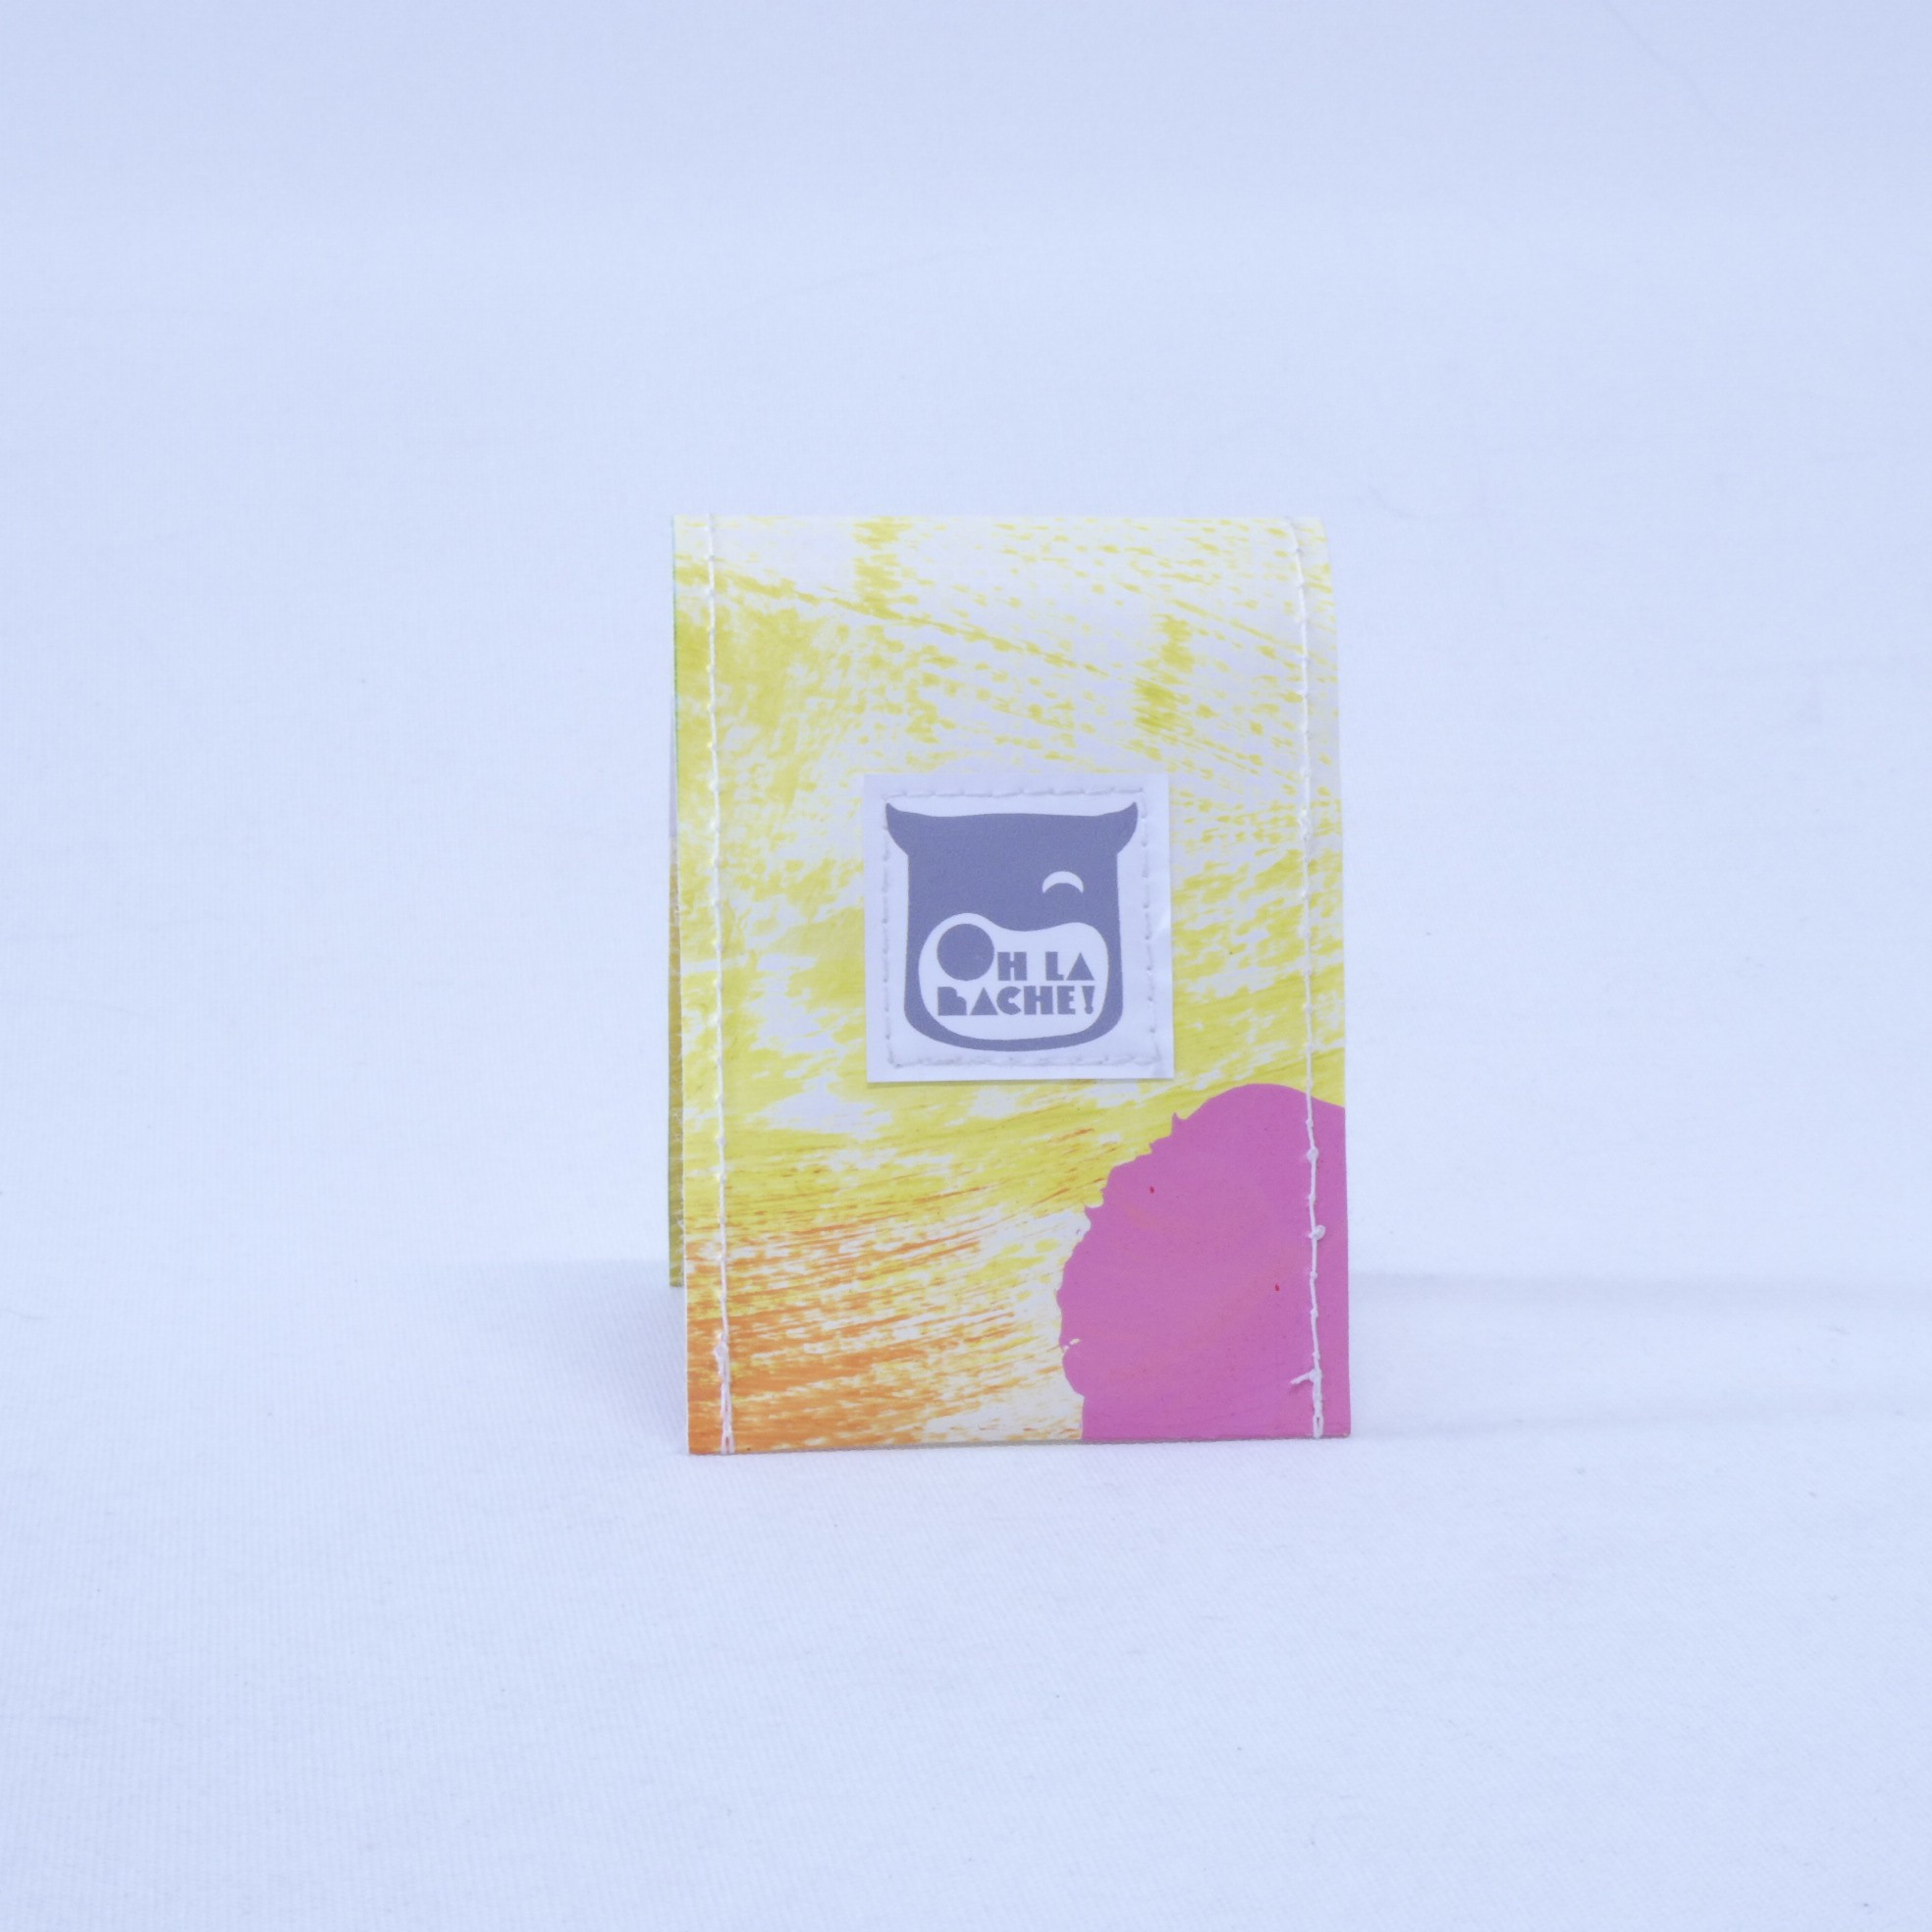 NOé Porte carte by Oh la bâche! m